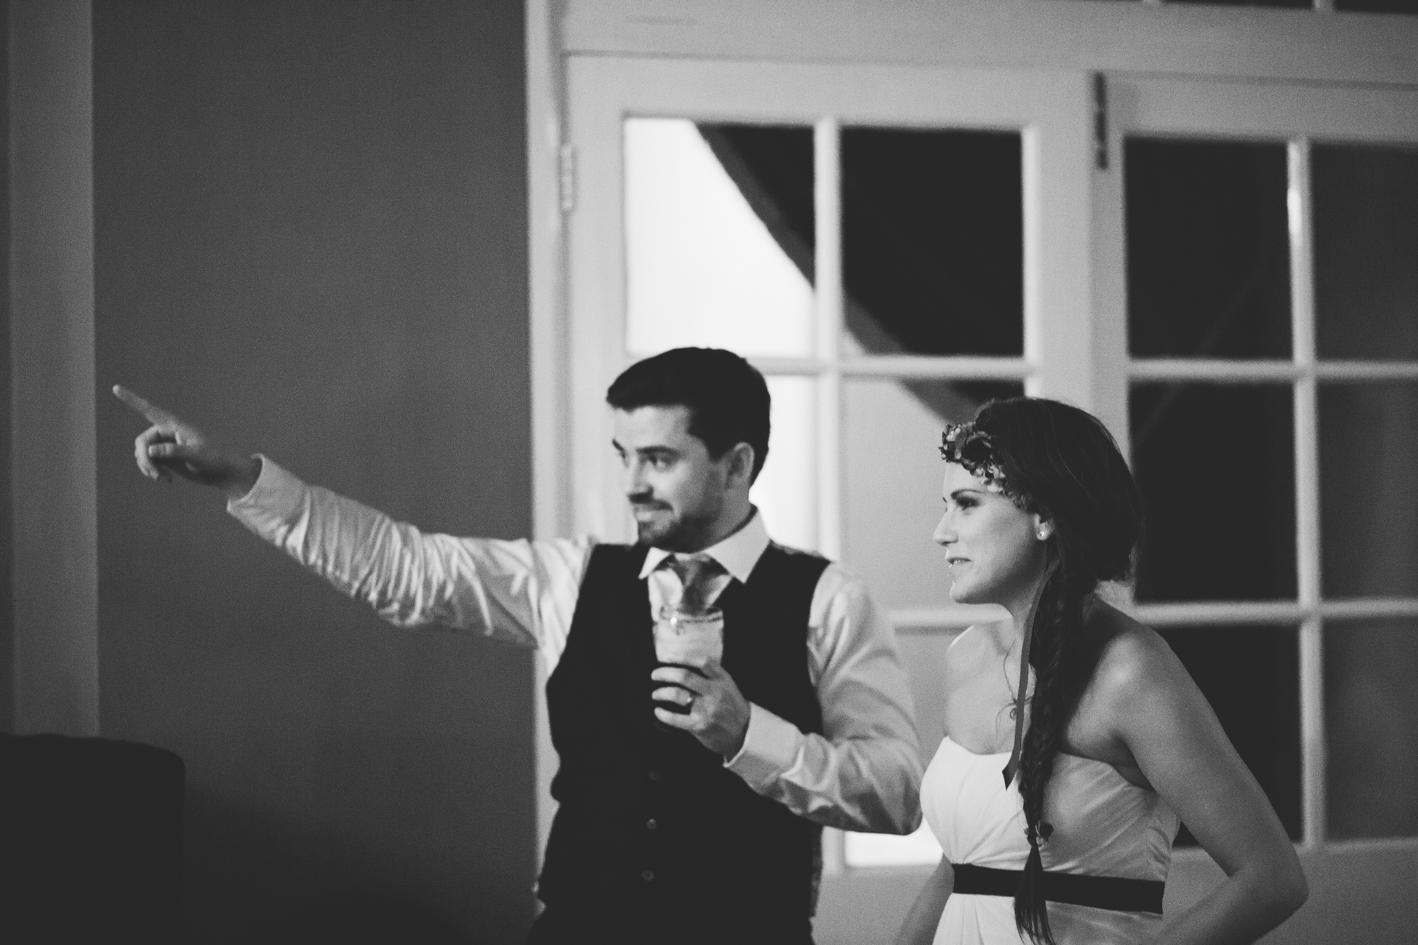 Wedding photographer Ireland Graciela Vilagudin 874.jpg